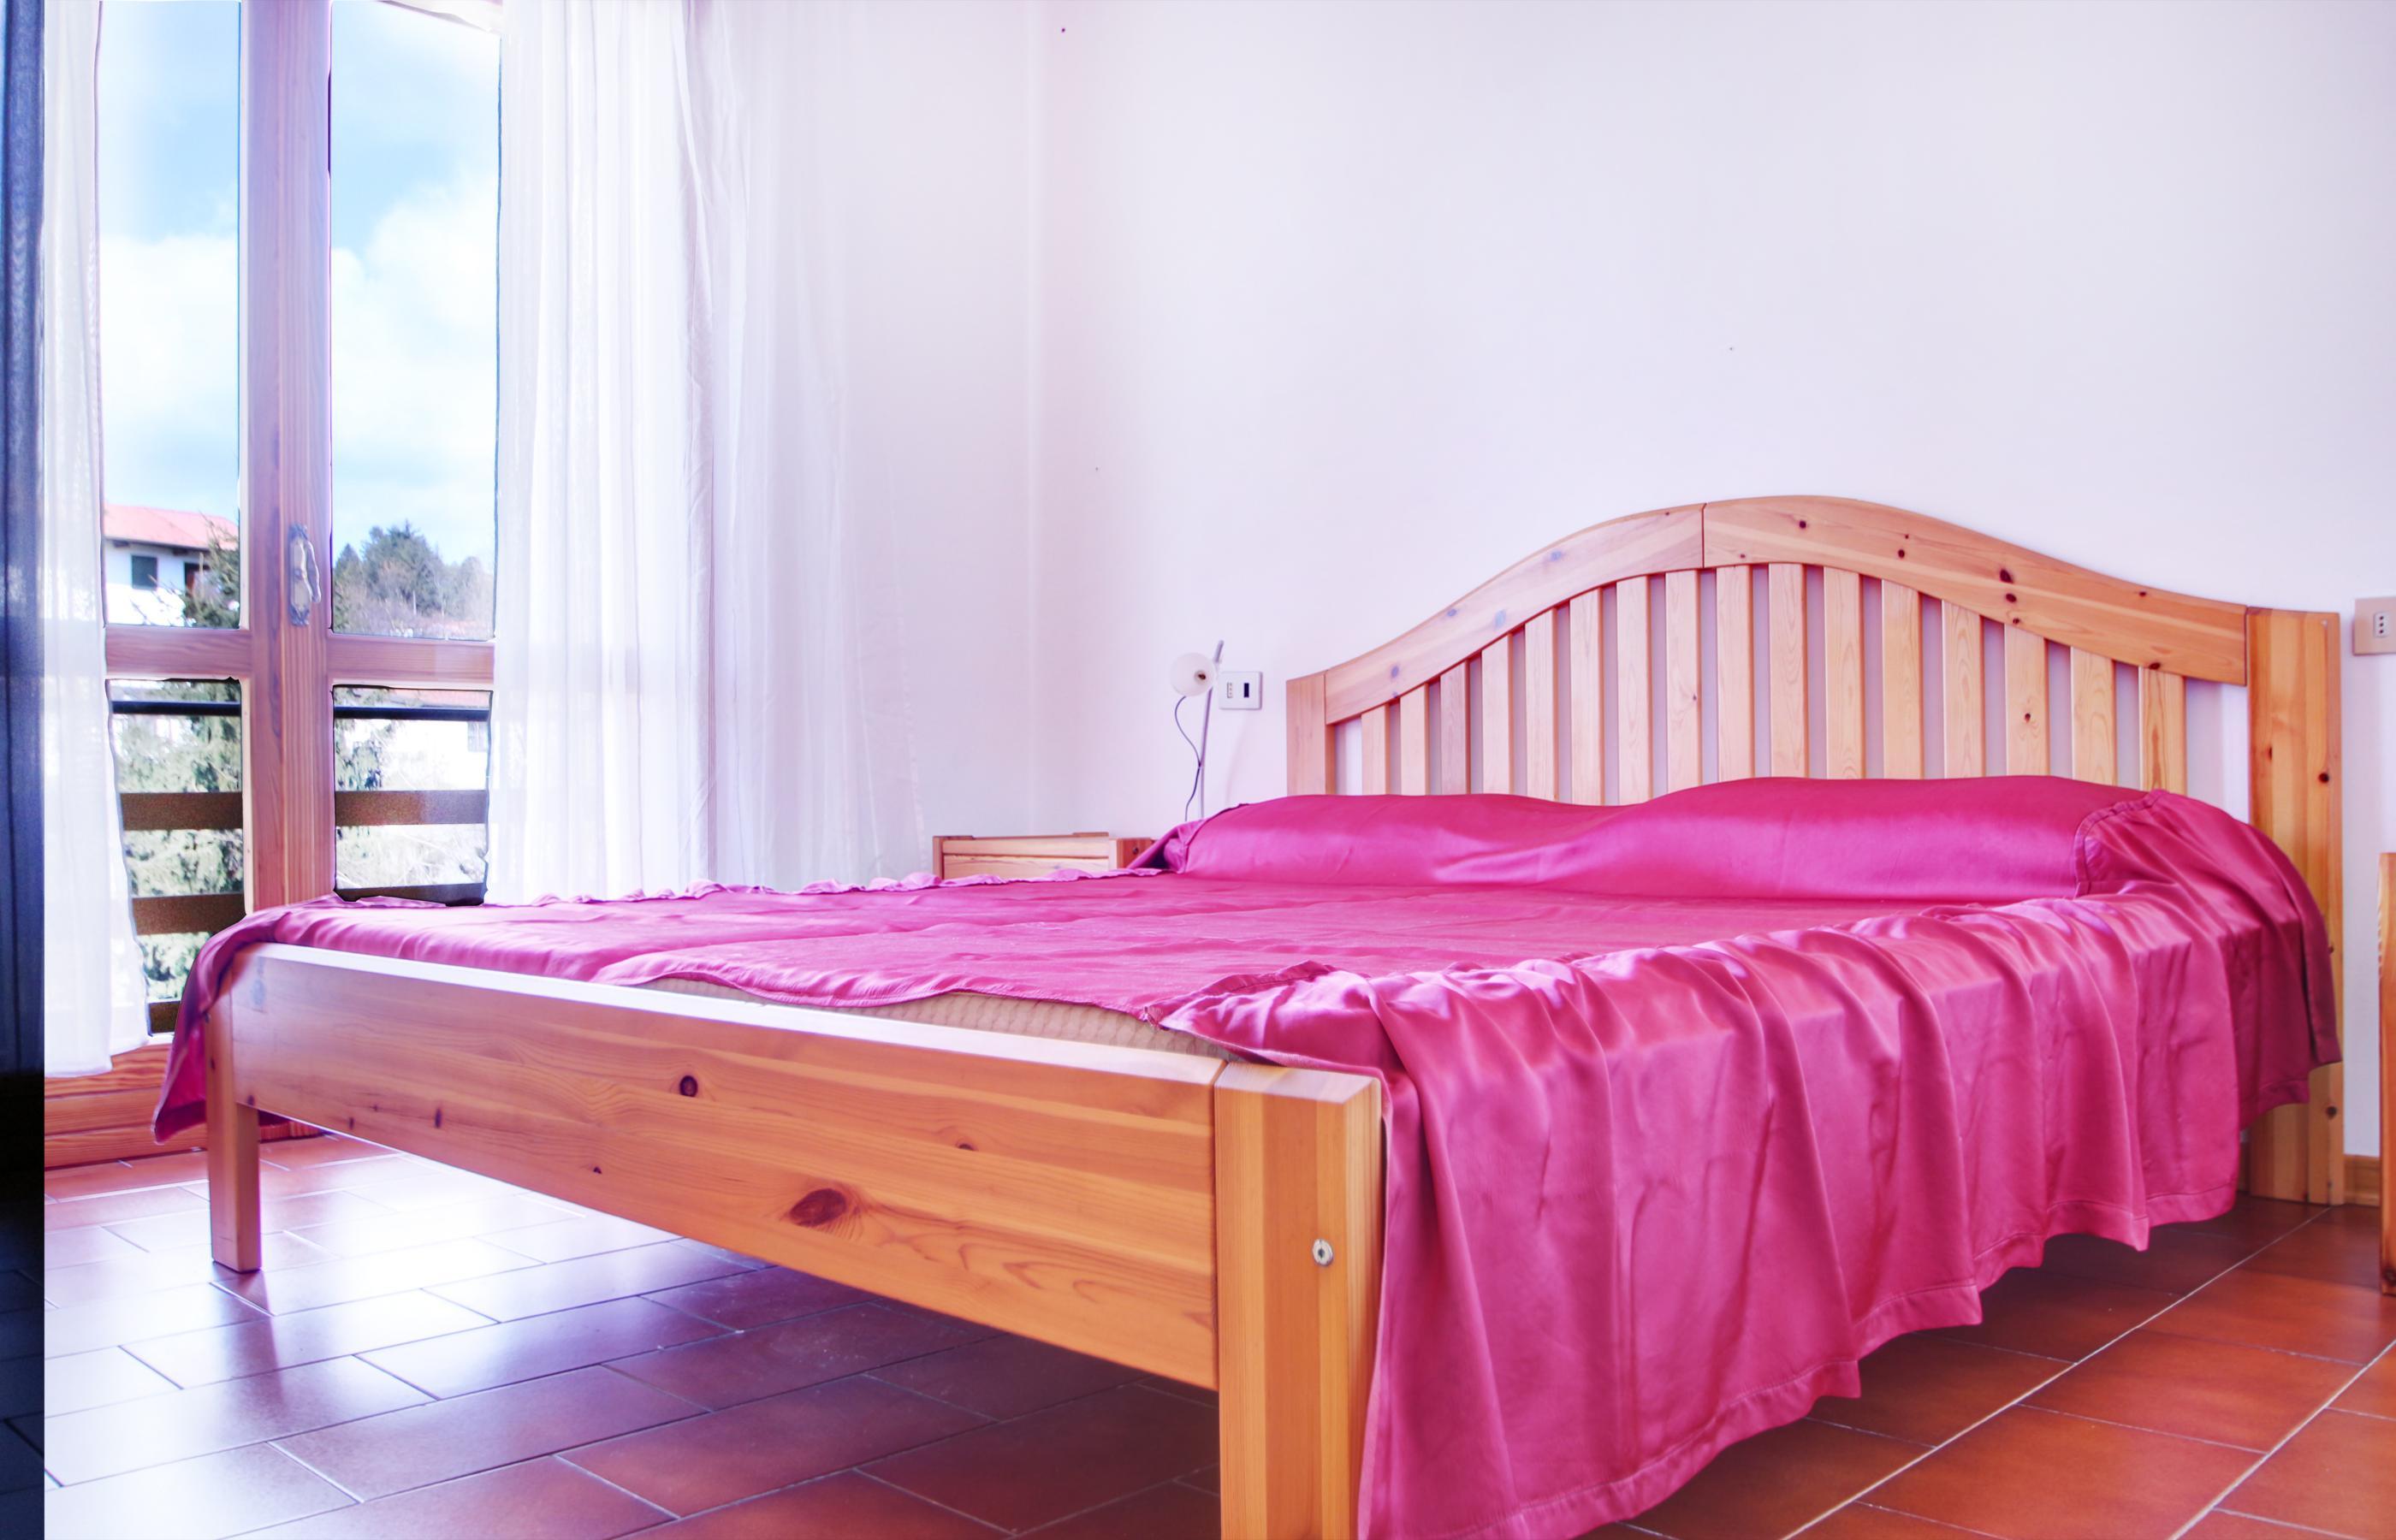 Vacciago appartamento con due camere da letto e due garage for Piani appartamento 1 camera da letto